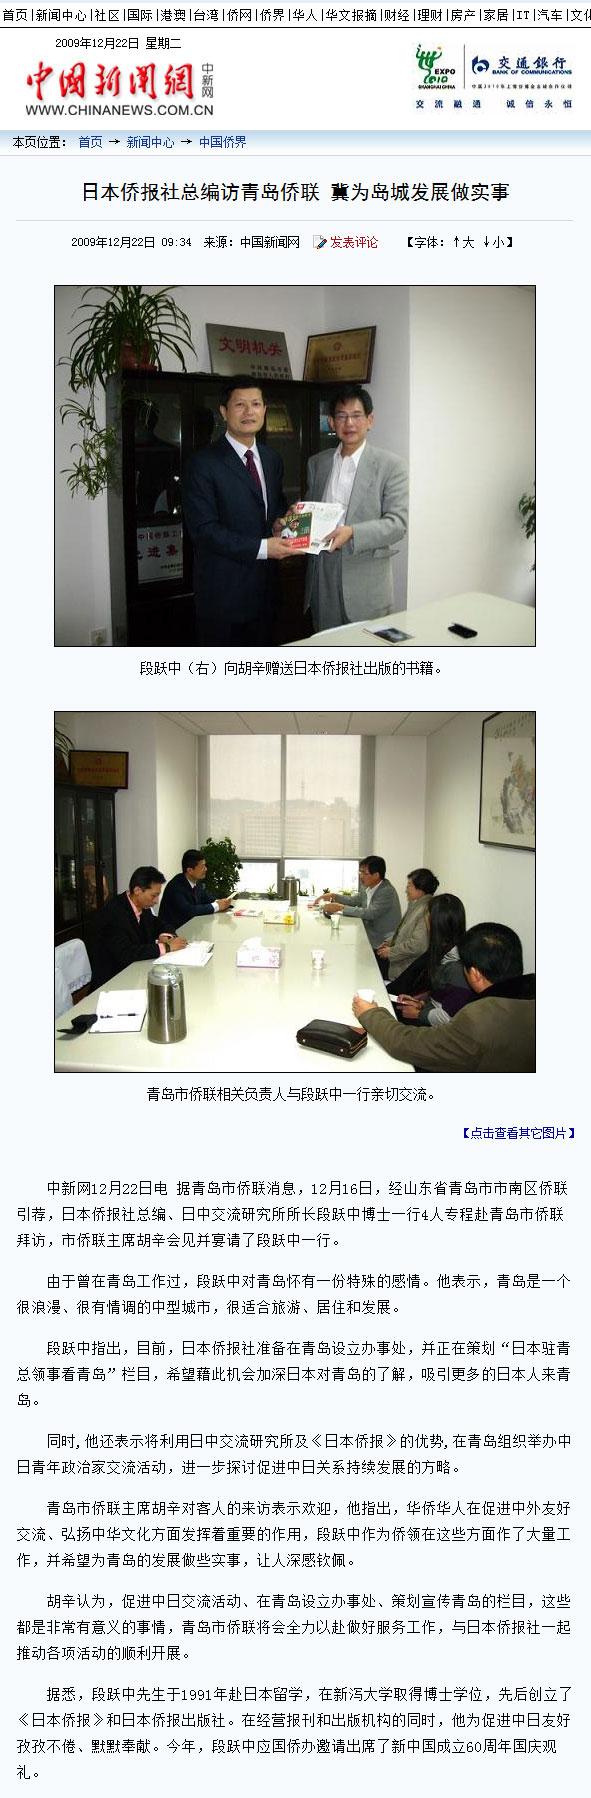 日本侨报社总编访青岛侨联  中国新聞網報道_d0027795_15144418.jpg